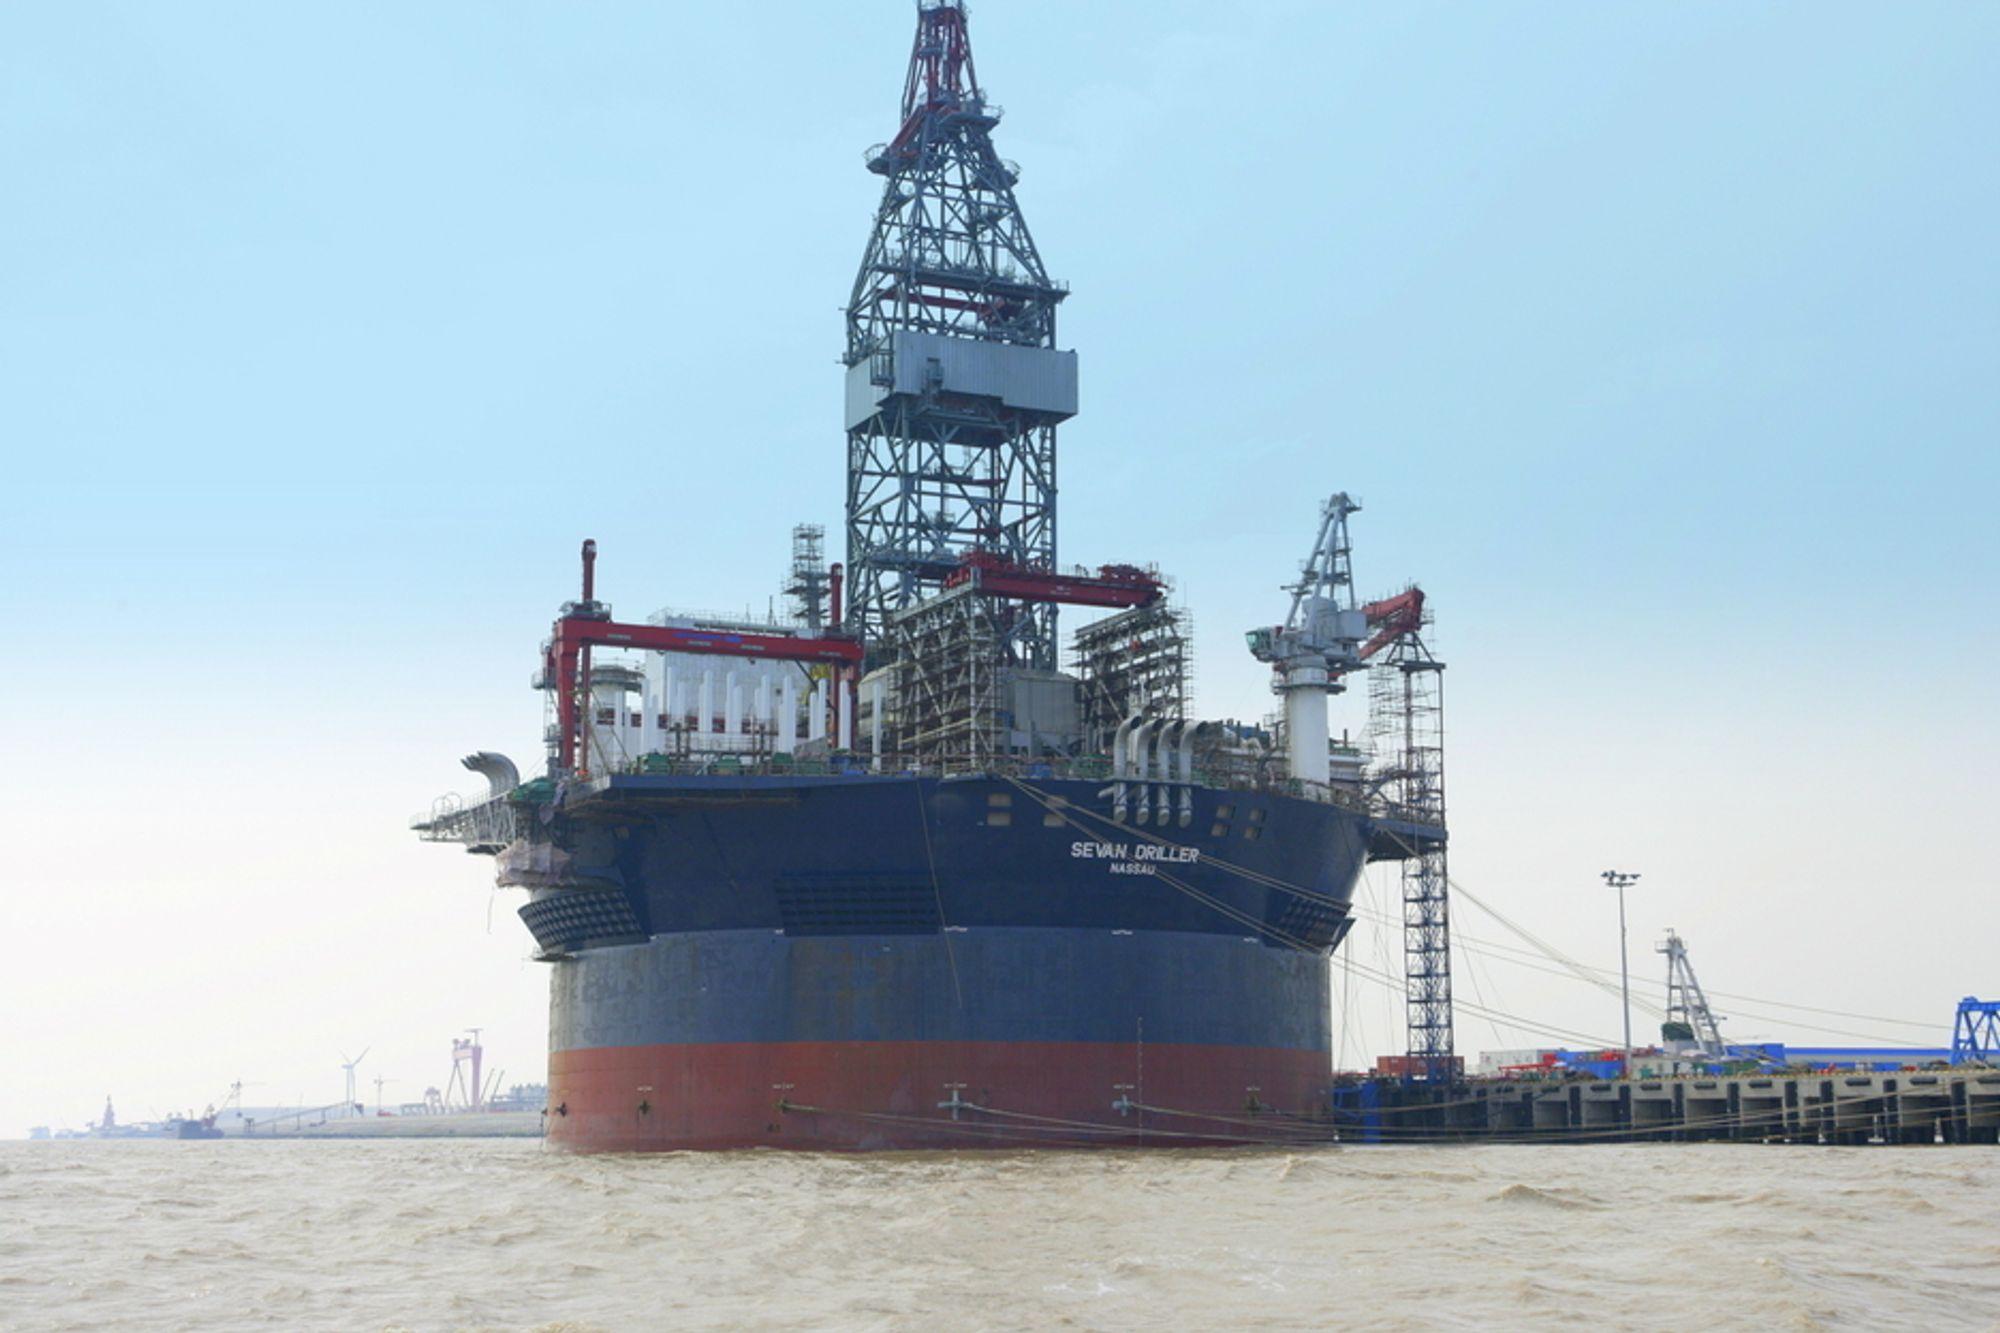 GODKJENT: Sevan driller er godkjent av Petrobras og kan starte å bore brønner for Petrobras.